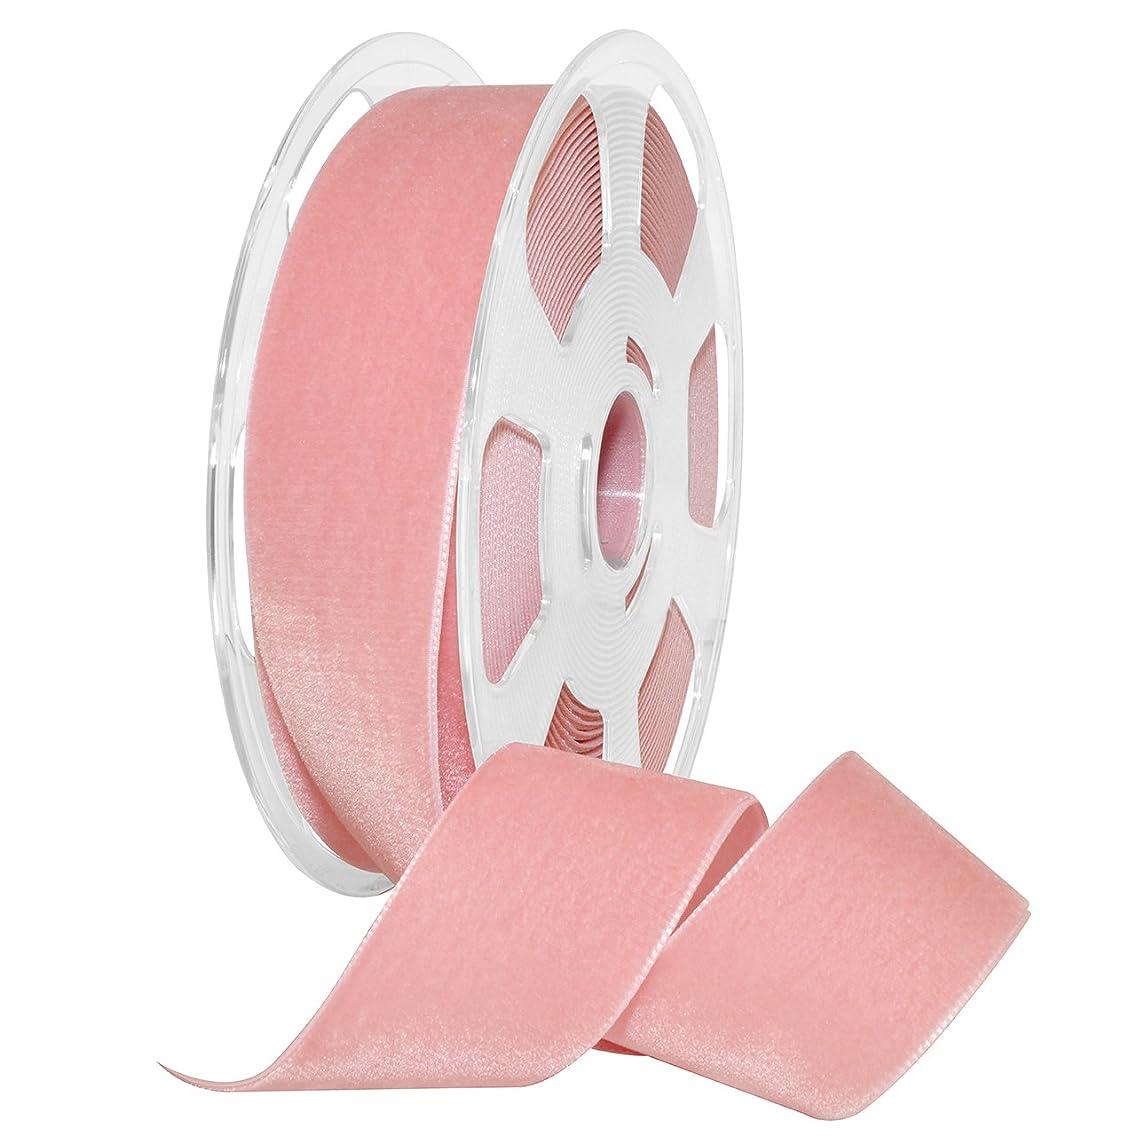 Morex Ribbon Ribbon, Nylon, 1 1/2 inches by 11 Yards, Dusty Rose, Item 01240/10-623 Nylvalour Velvet, 1 1/2